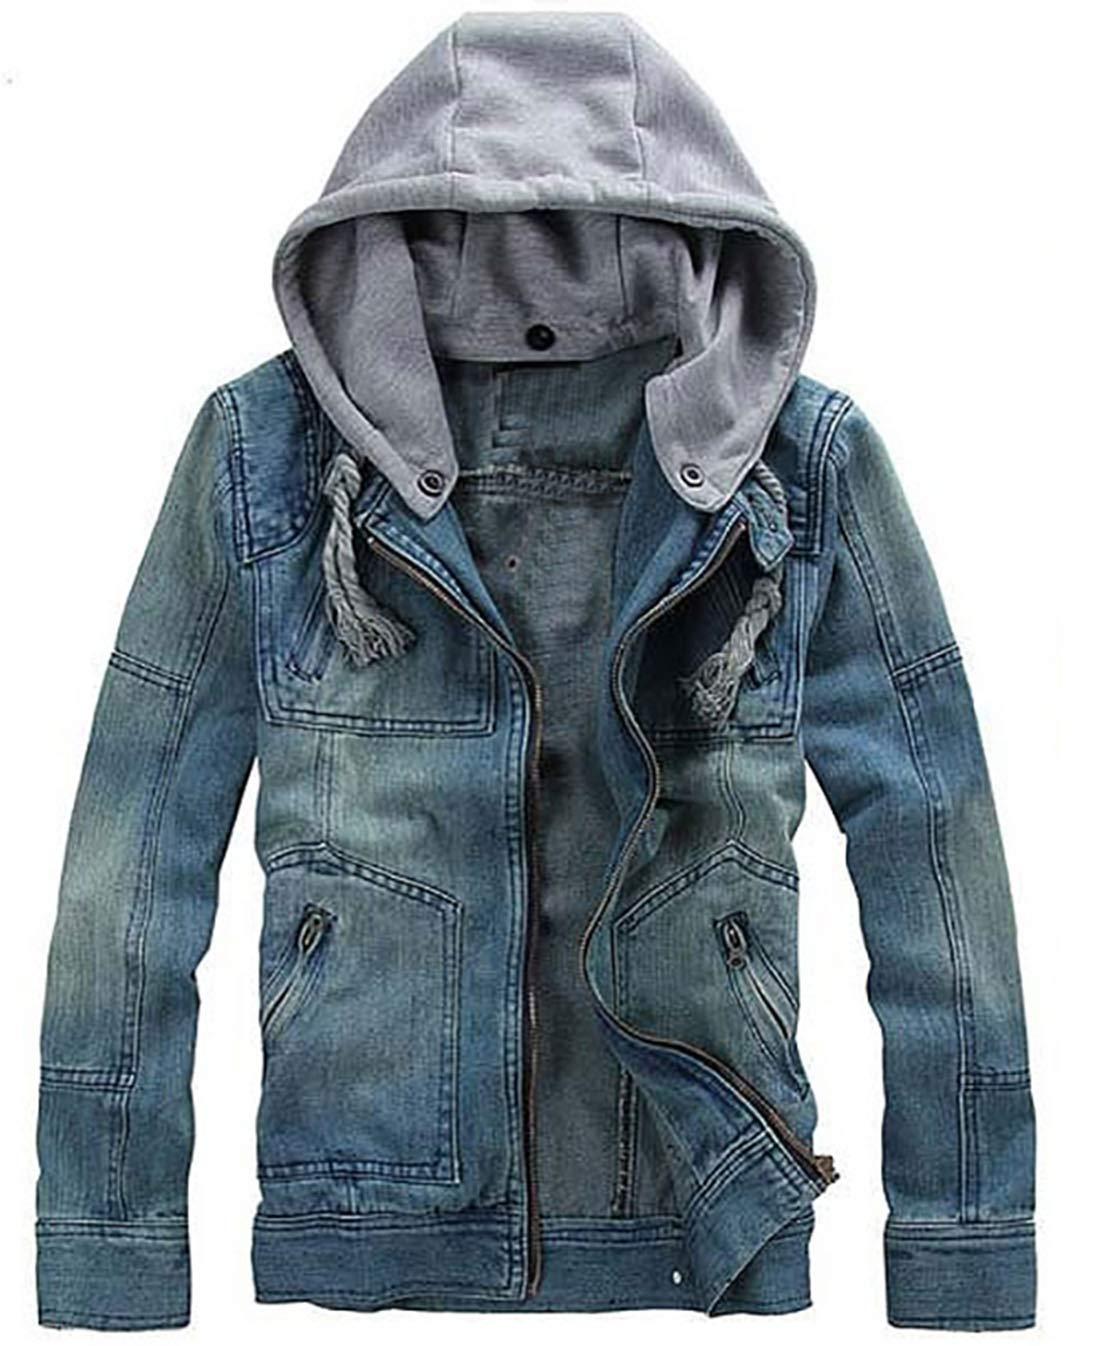 XueYin Men's Denim Jacket Slim Fit Plus Size(Light Blue,M Size) by XueYin